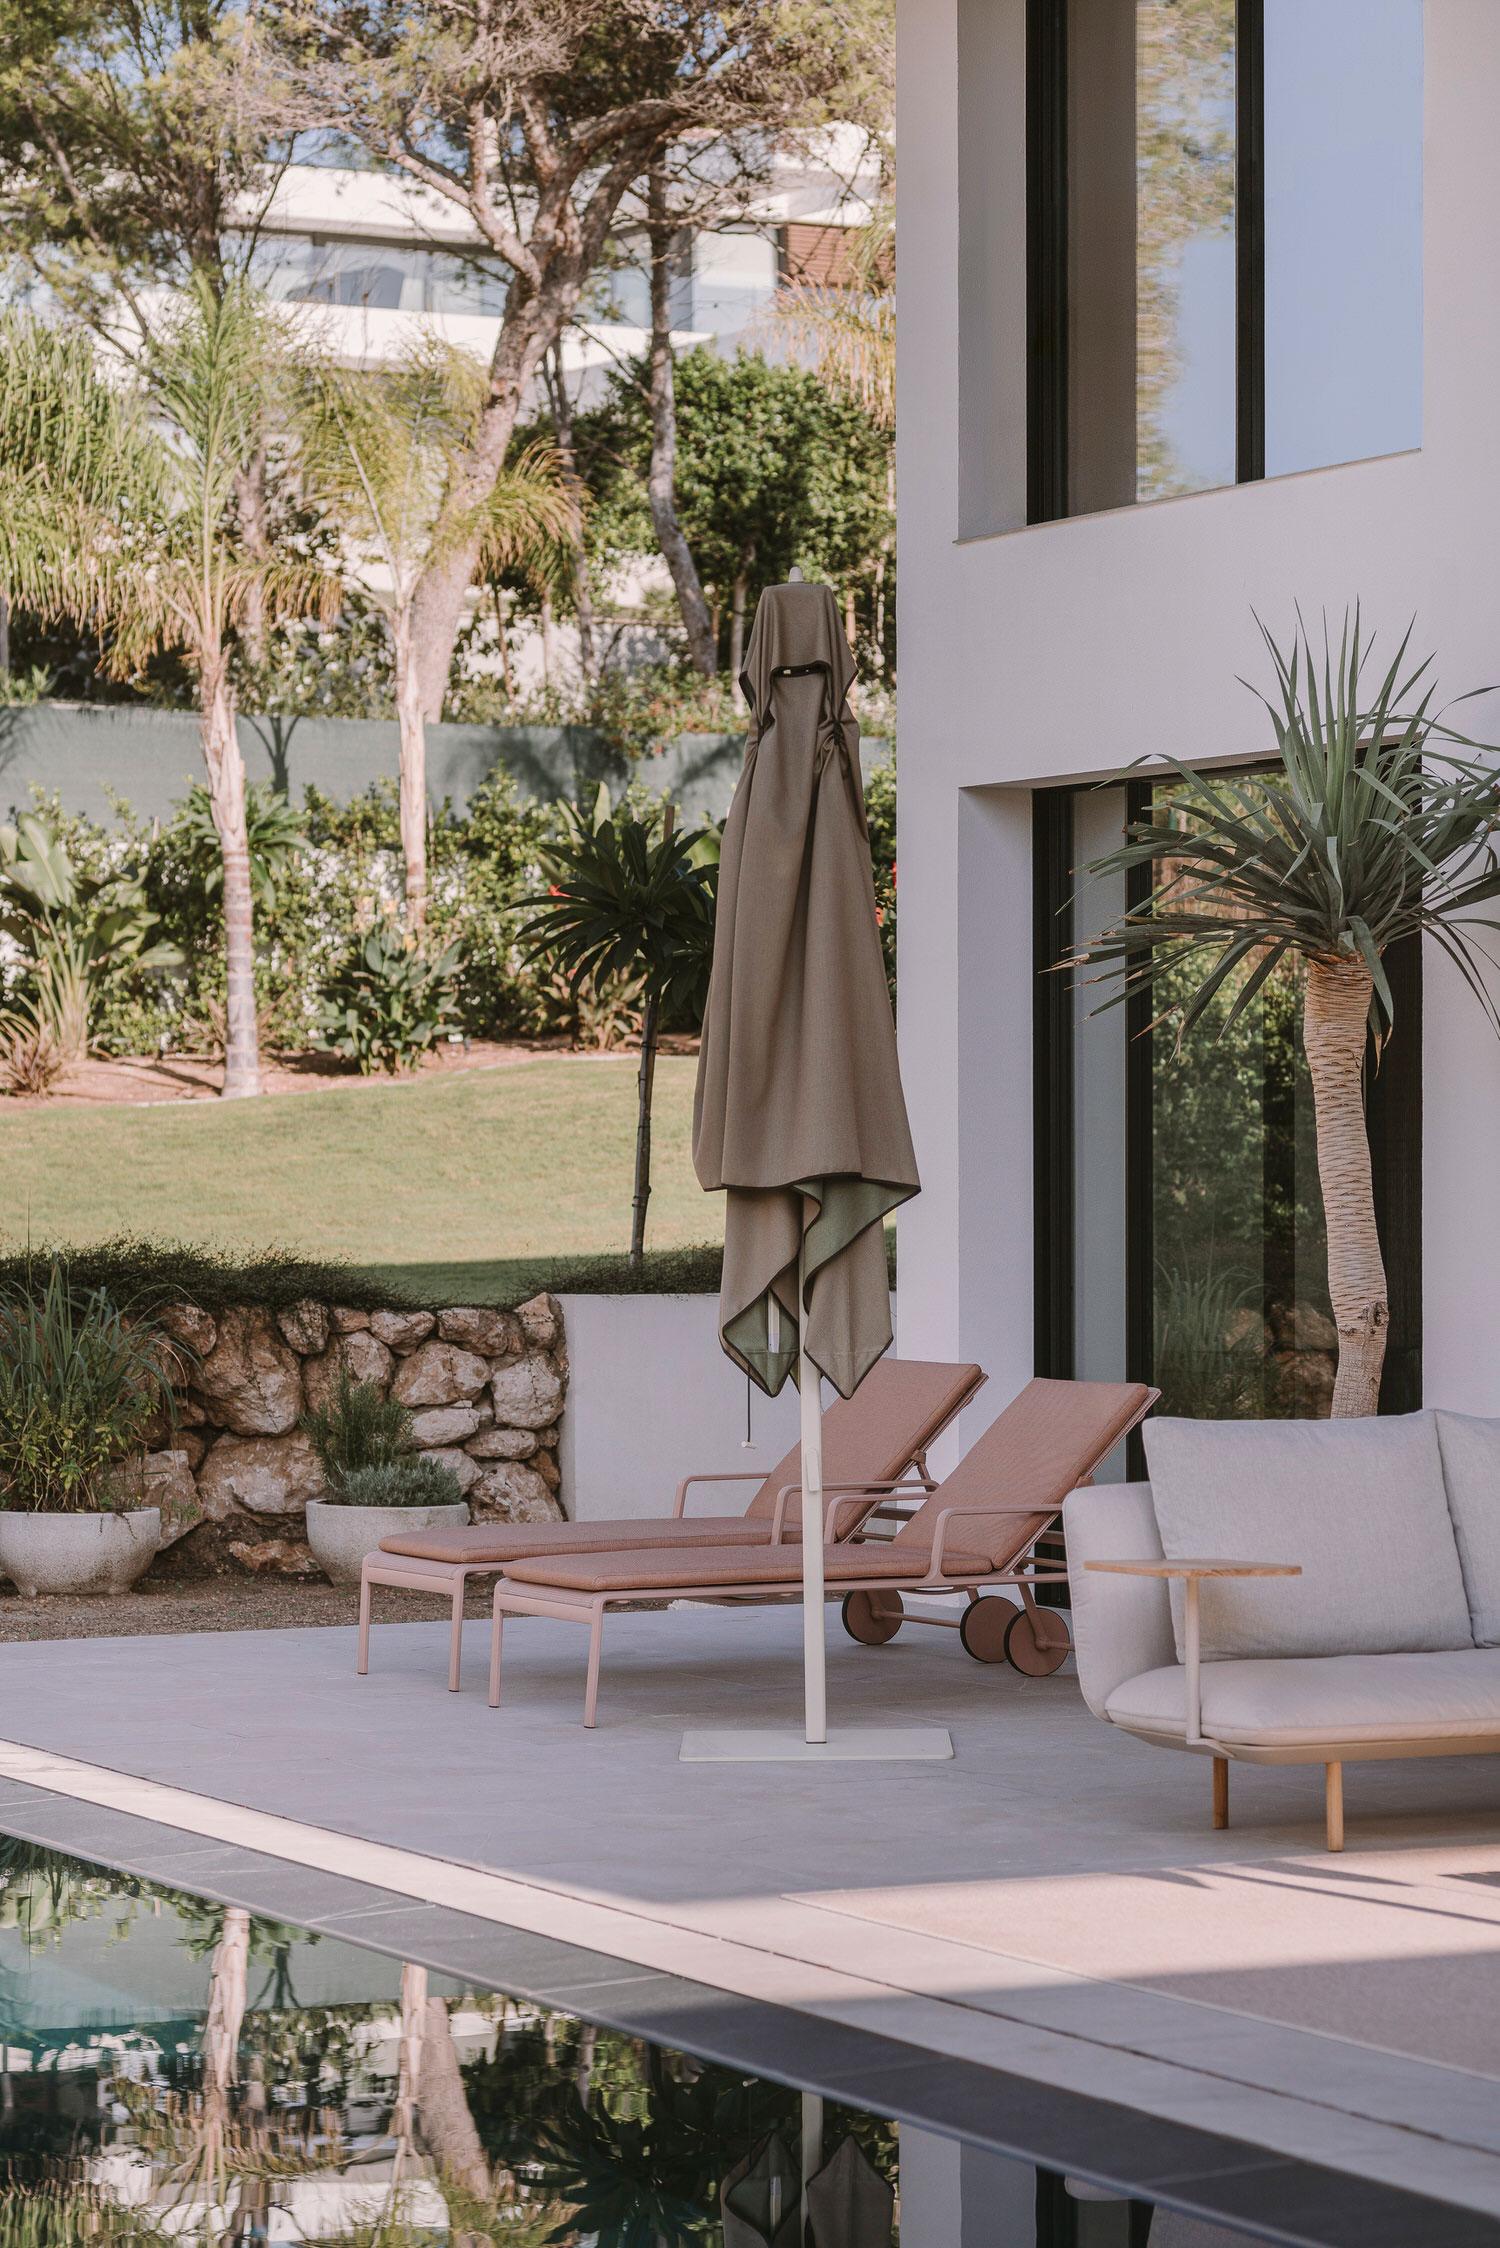 Paradowski Studio Pdm House Majorca Photo Pion Studio Yellowtrace 41